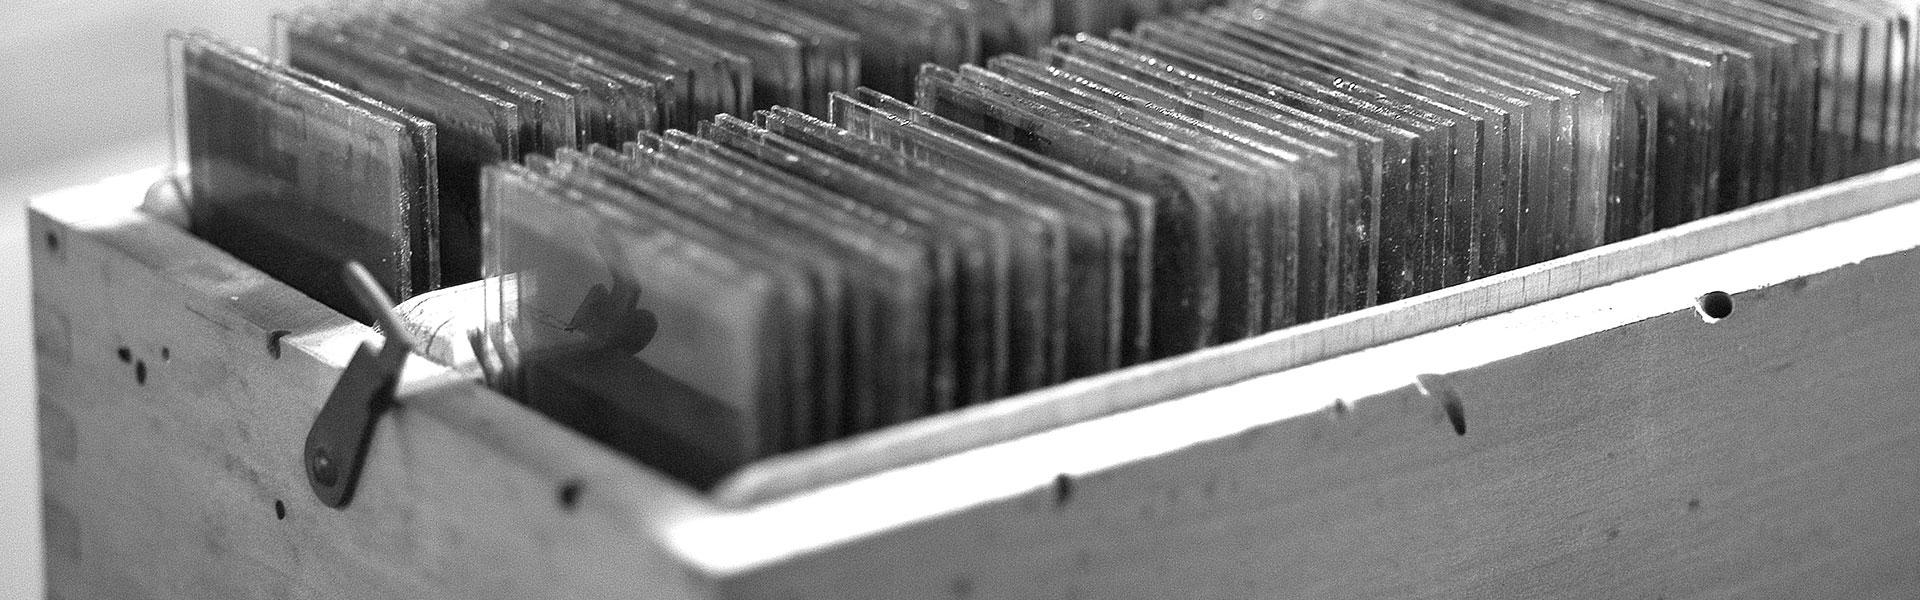 Preservación, Conservación y Digitalización de Originales Fotográficos